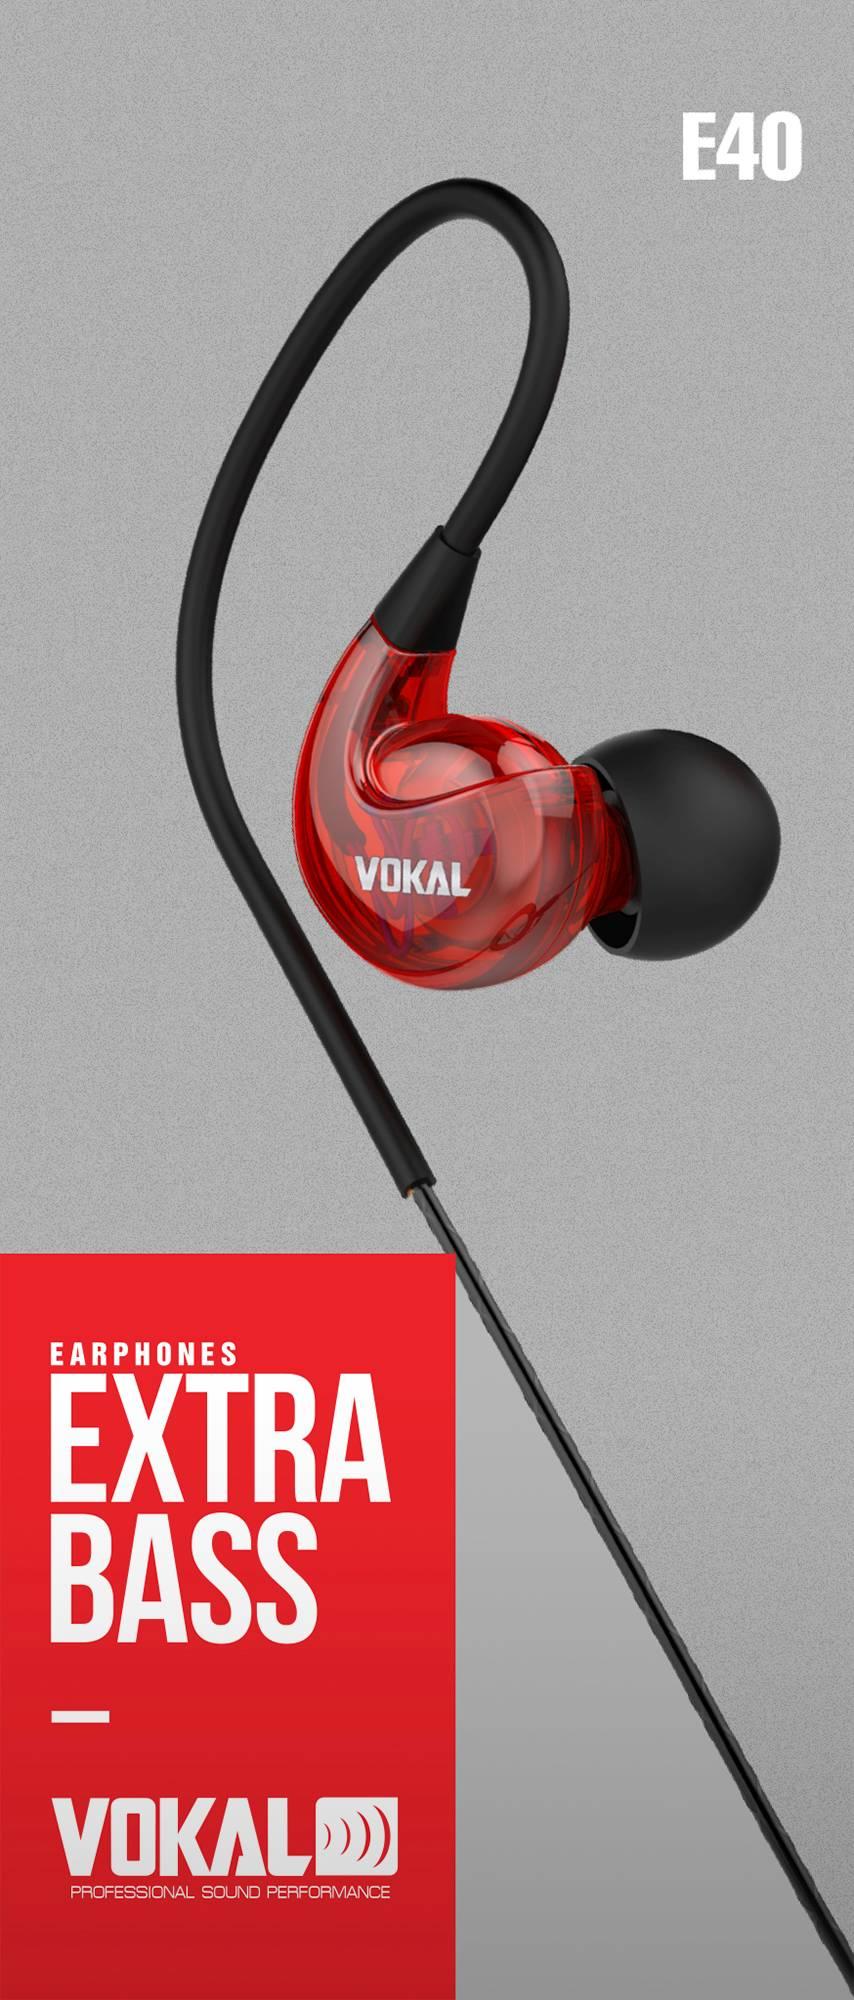 Fone de Ouvido Vokal E40 Vermelho In Ear